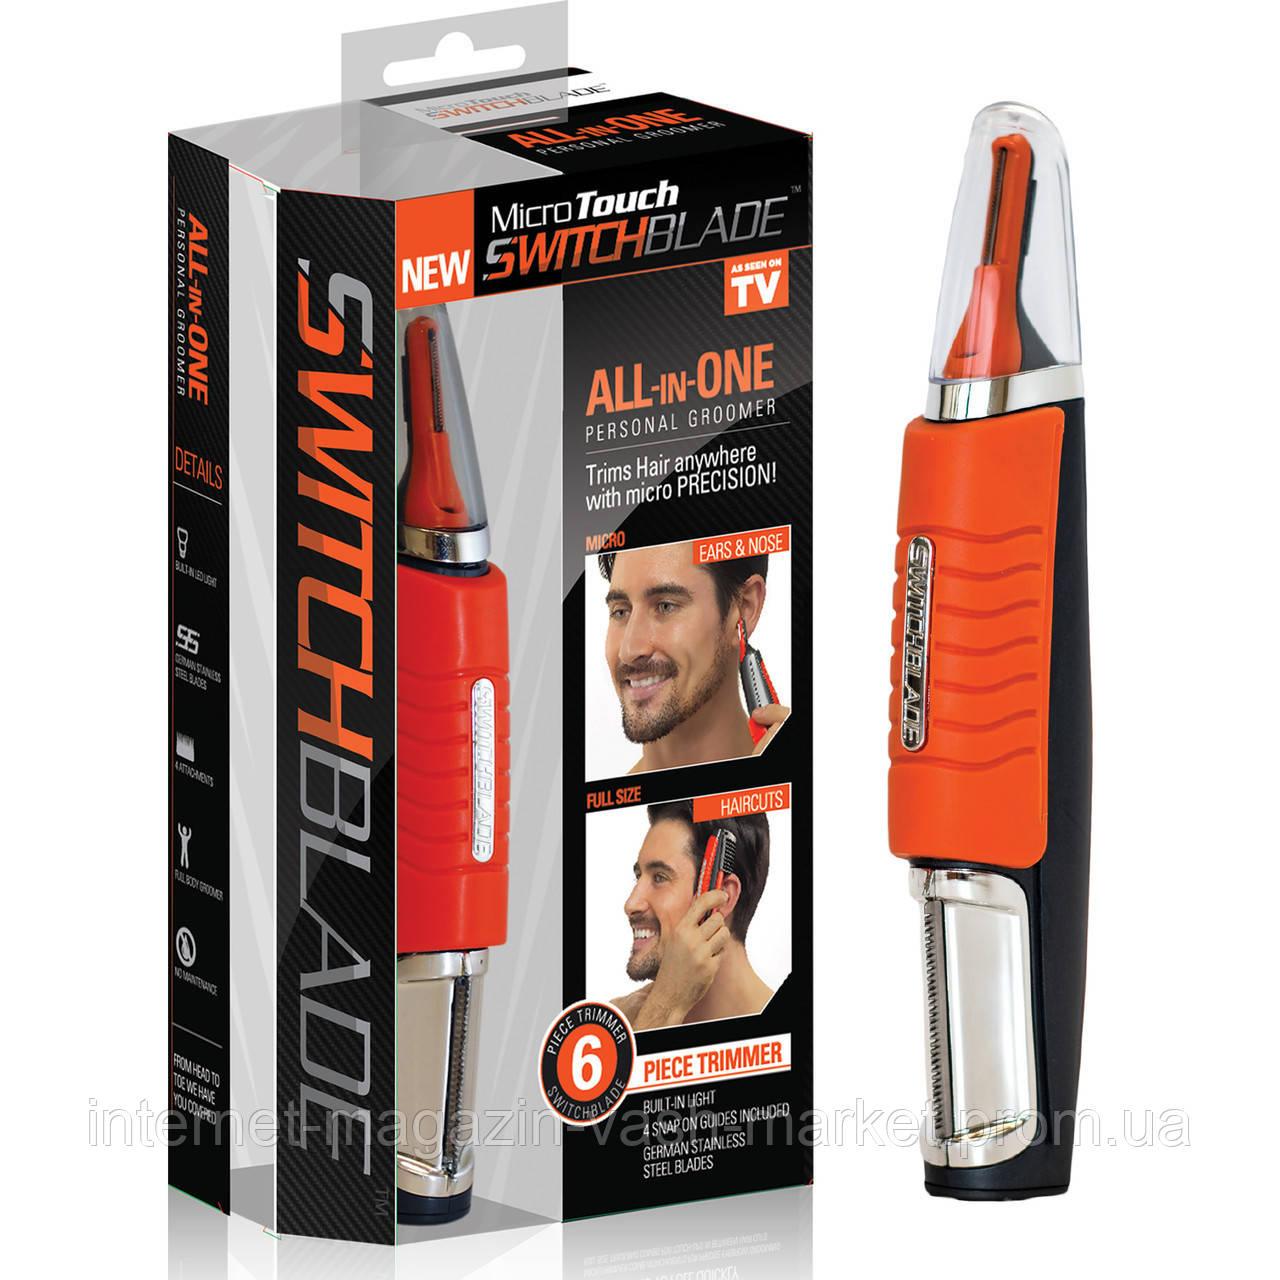 Триммер универсальный MicroTouch SwitchBlade, Машинка для стрижки бороды, носа, ушей, висков, бровей, Скидки